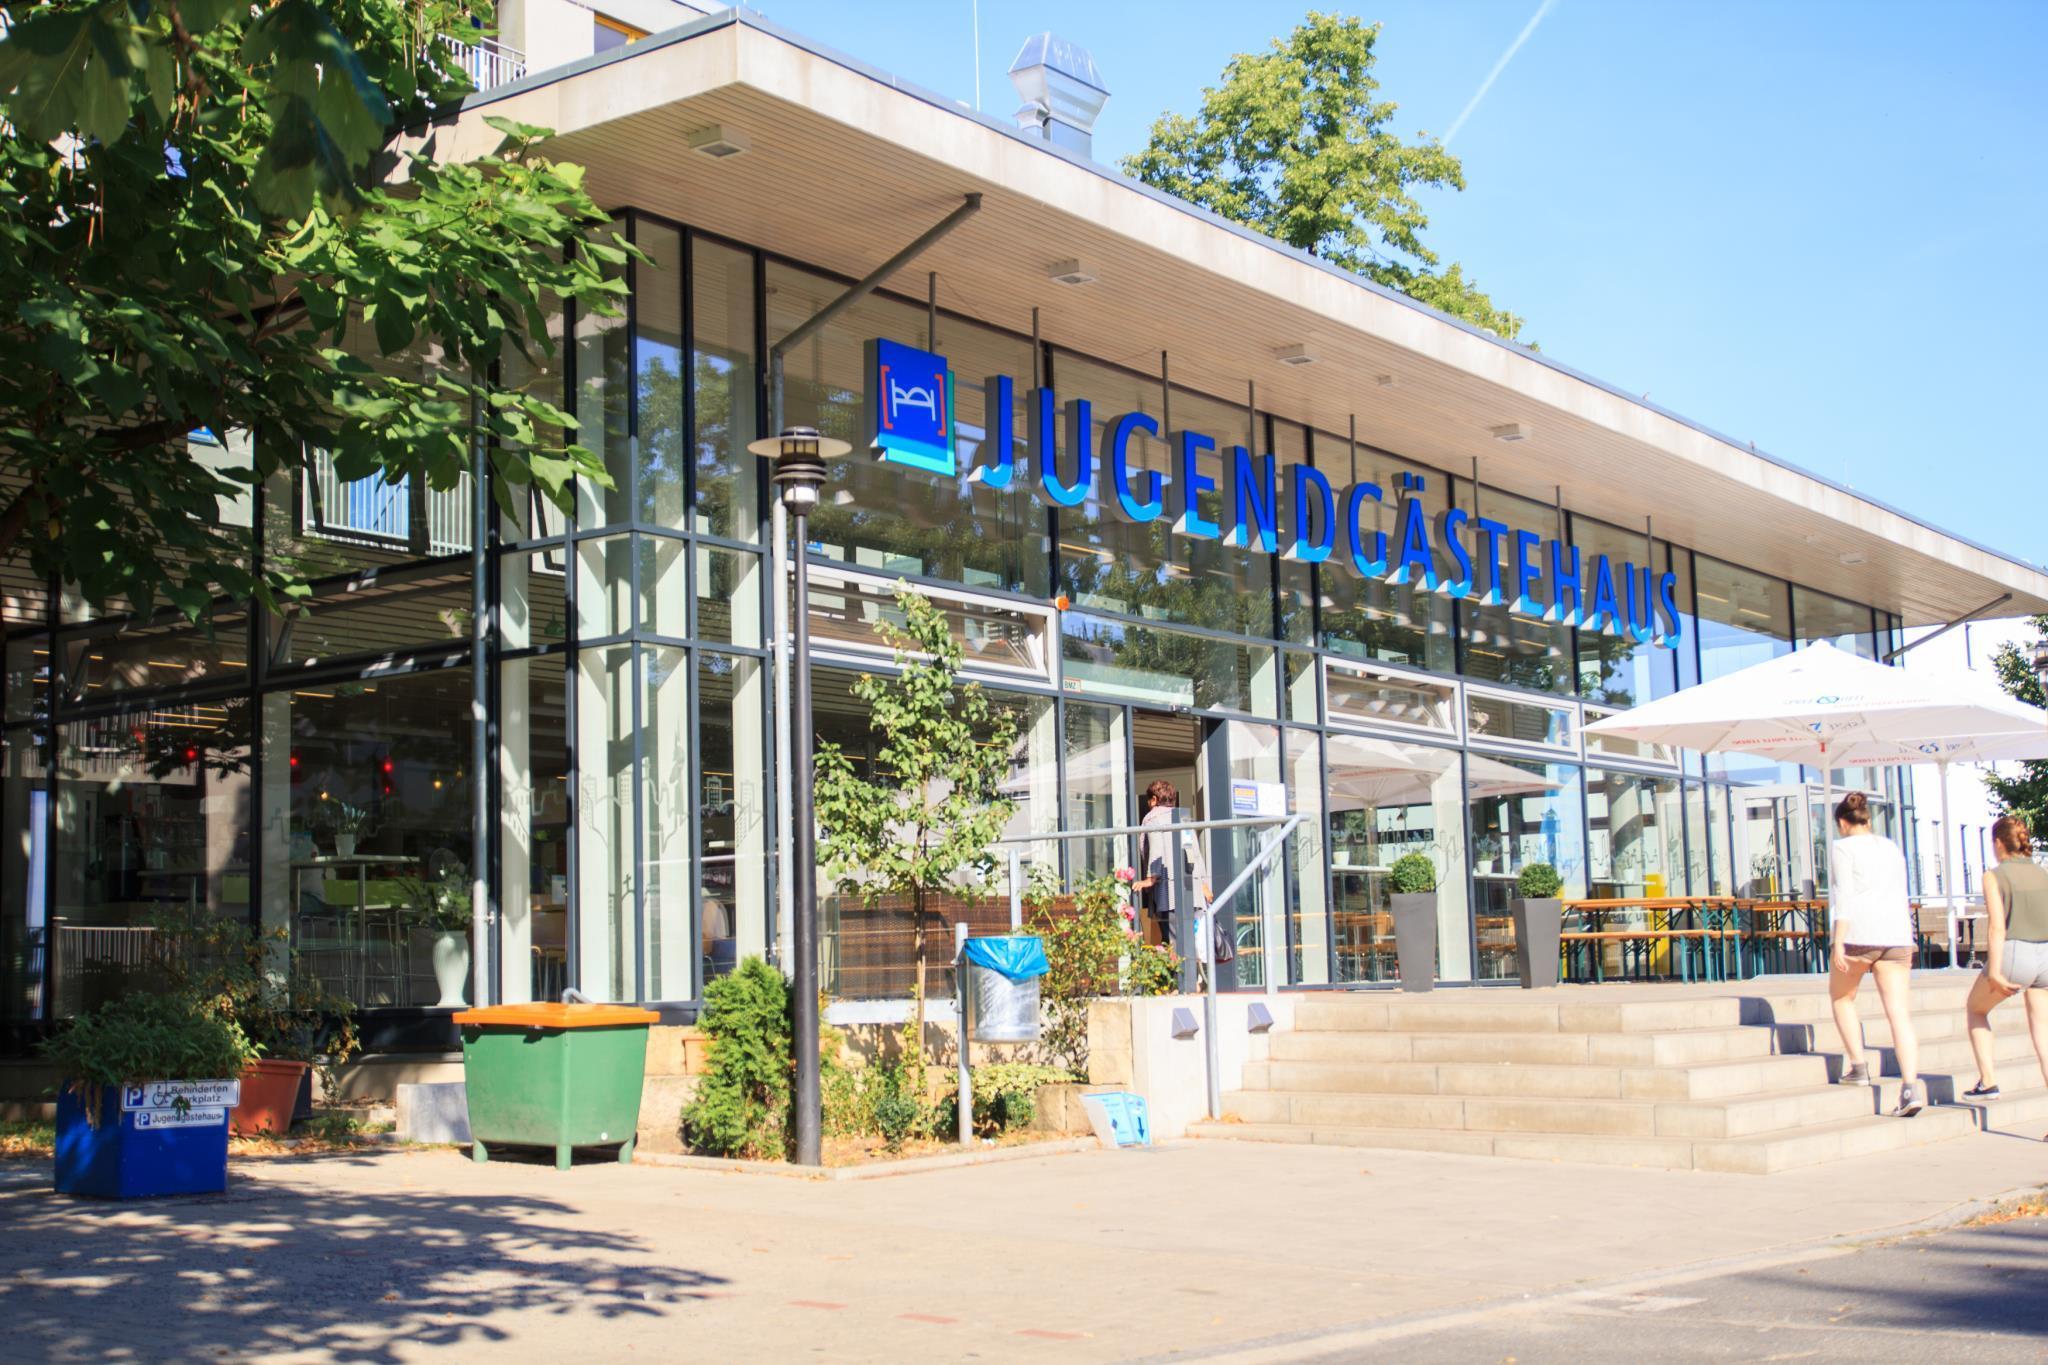 Jugendgaestehaus Hauptbahnhof